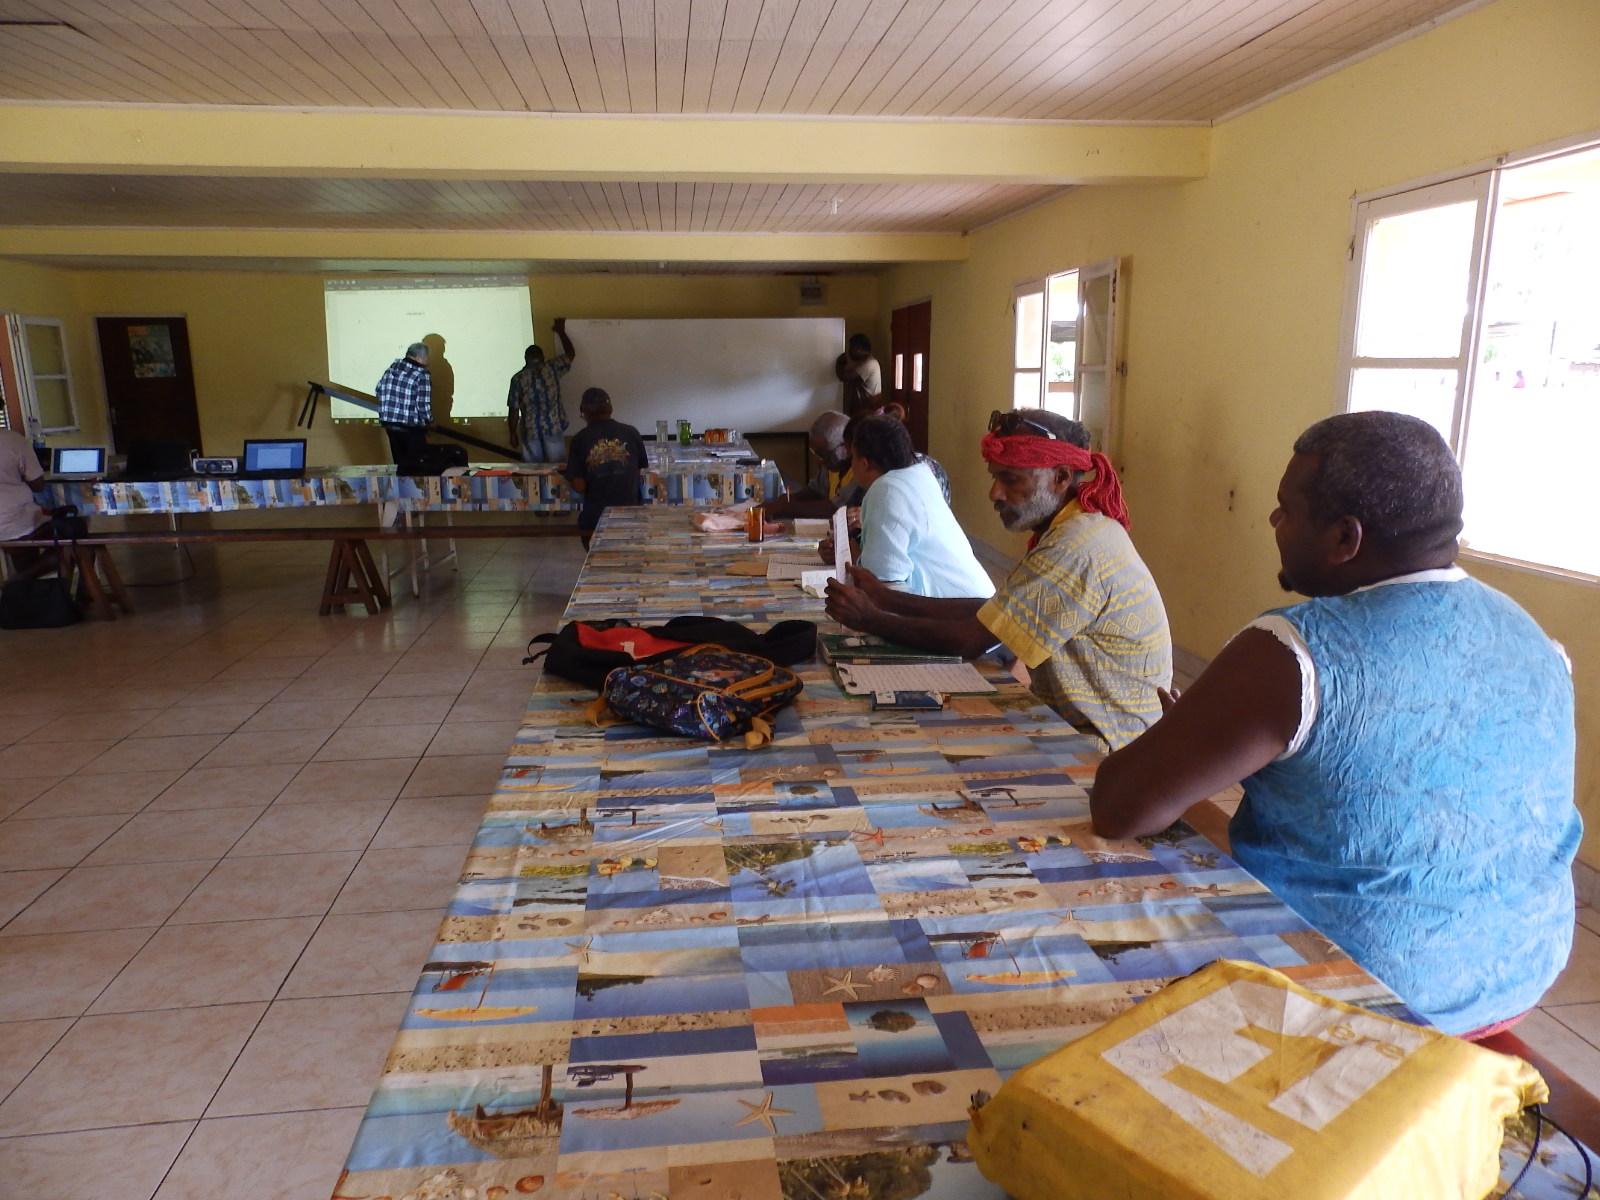 Mise en place dans la salle de la maison commune de la paroisse de Thiic